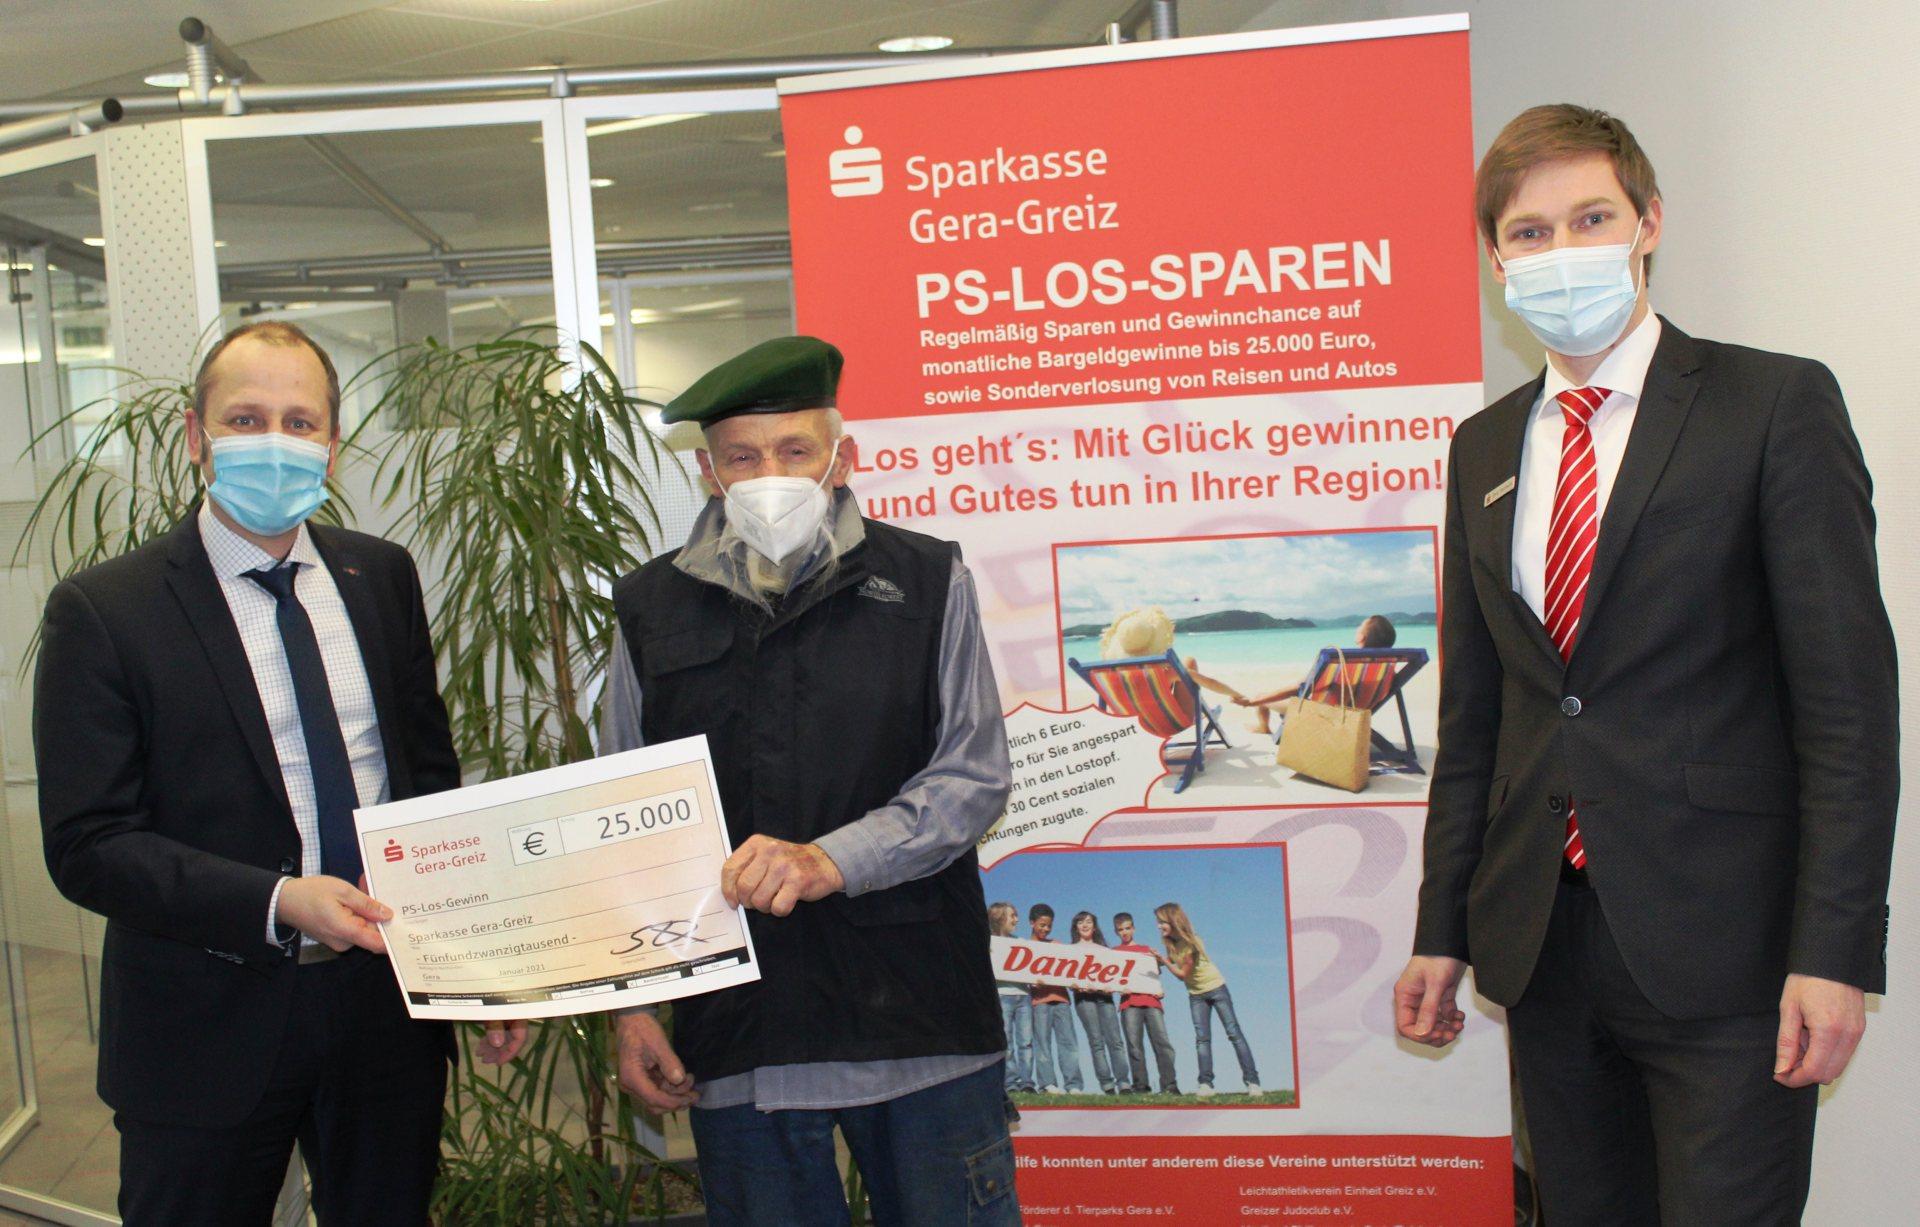 Hauptgewinn im PS-Los-Sparen nach Gera